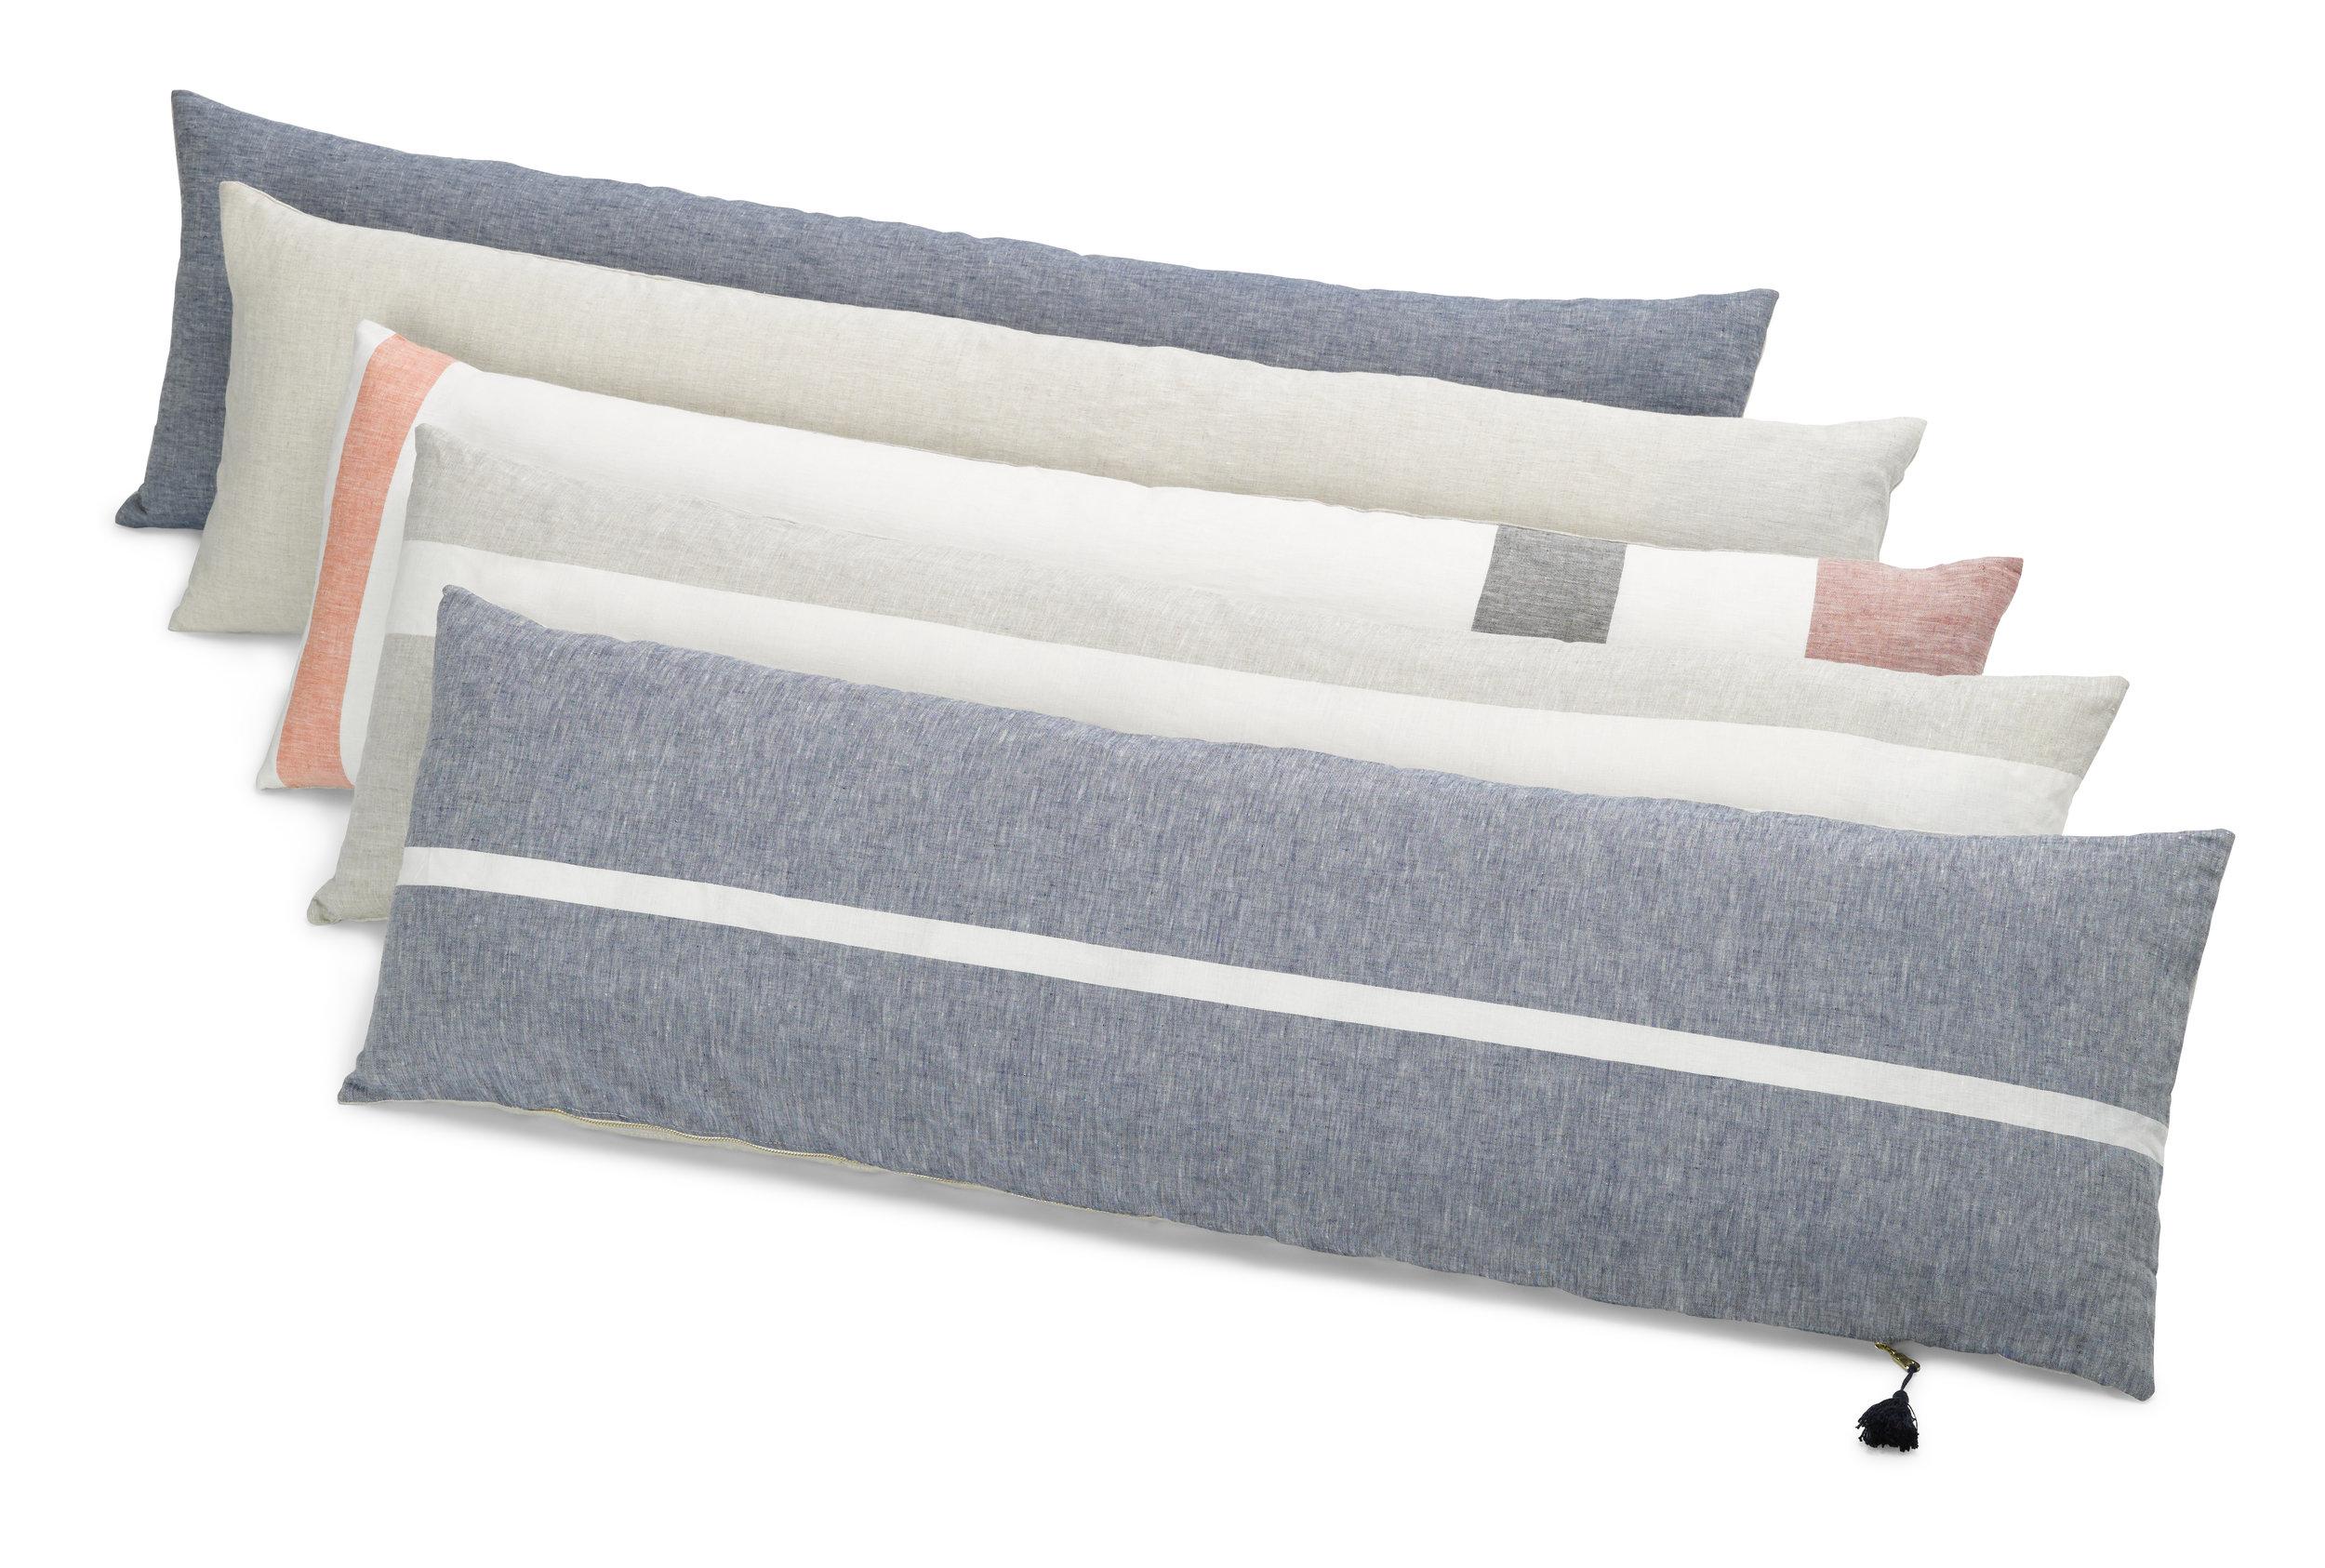 HedgeHouse_Home-Goods_14-x-48-Pillows_.jpg